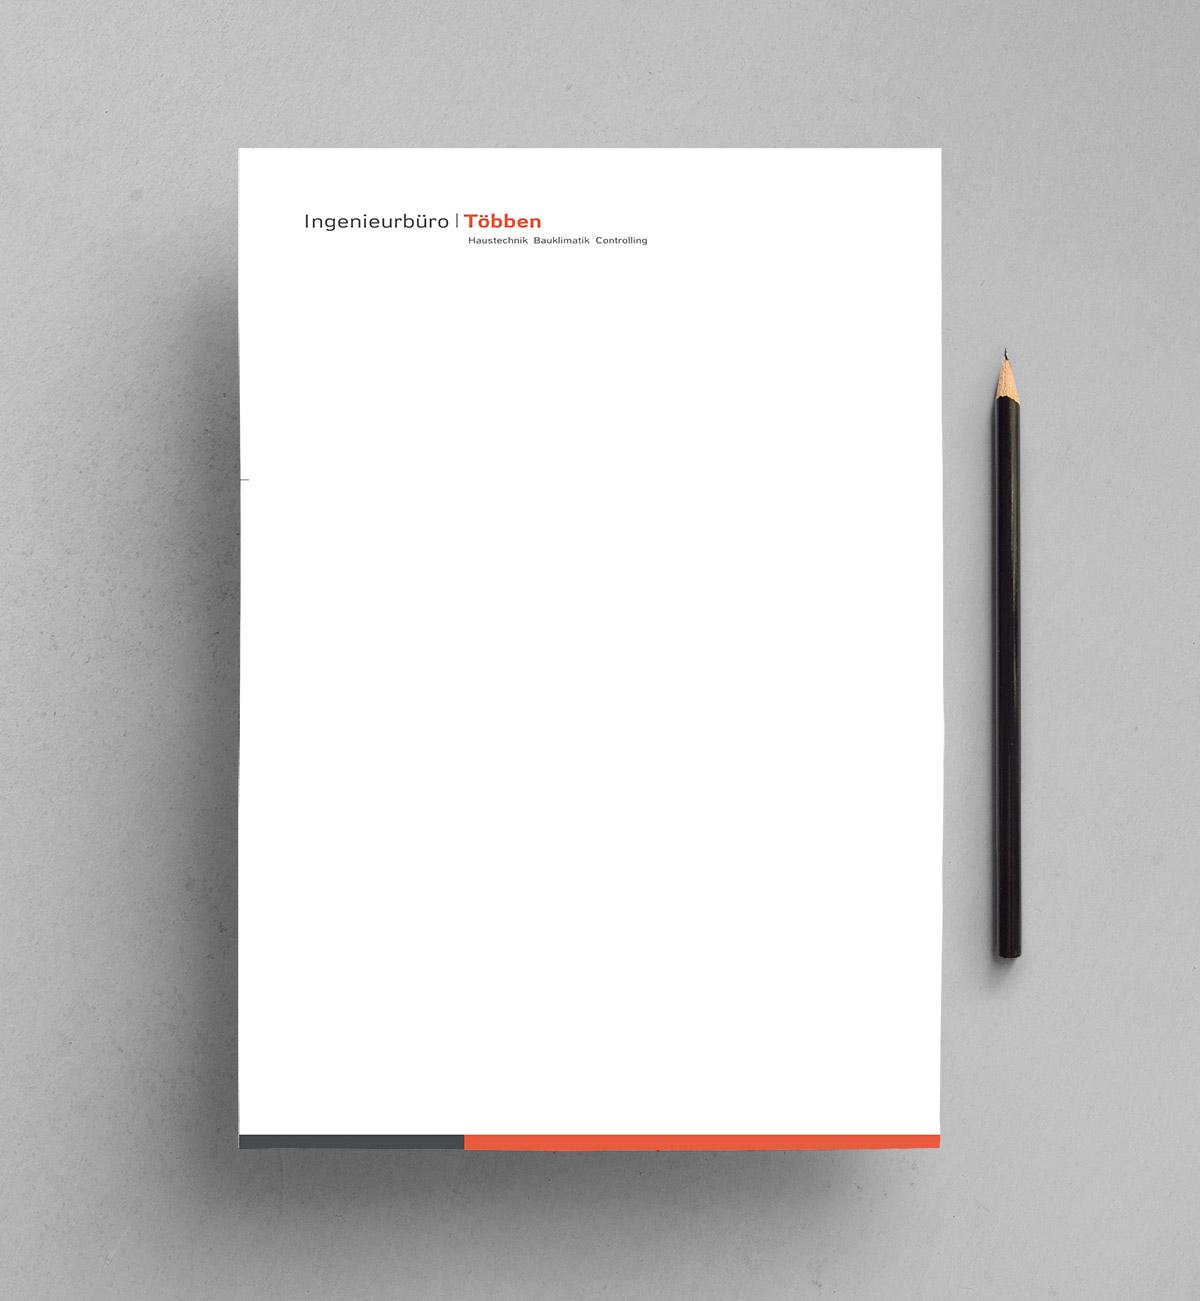 Briefpapier Ingenieurbüro Többen